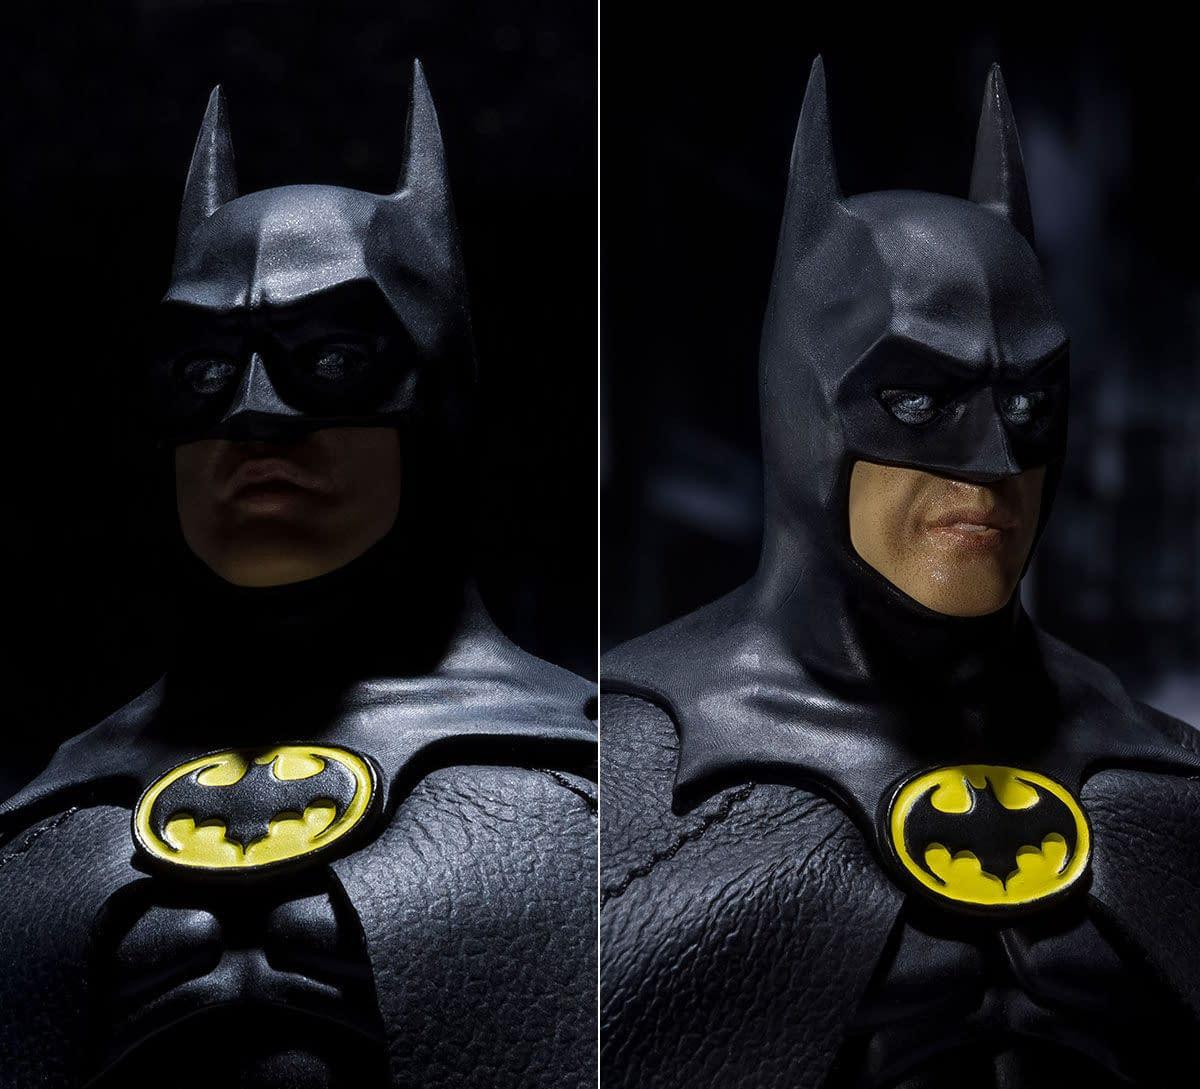 SH-Figuarts-1989-Batman-009